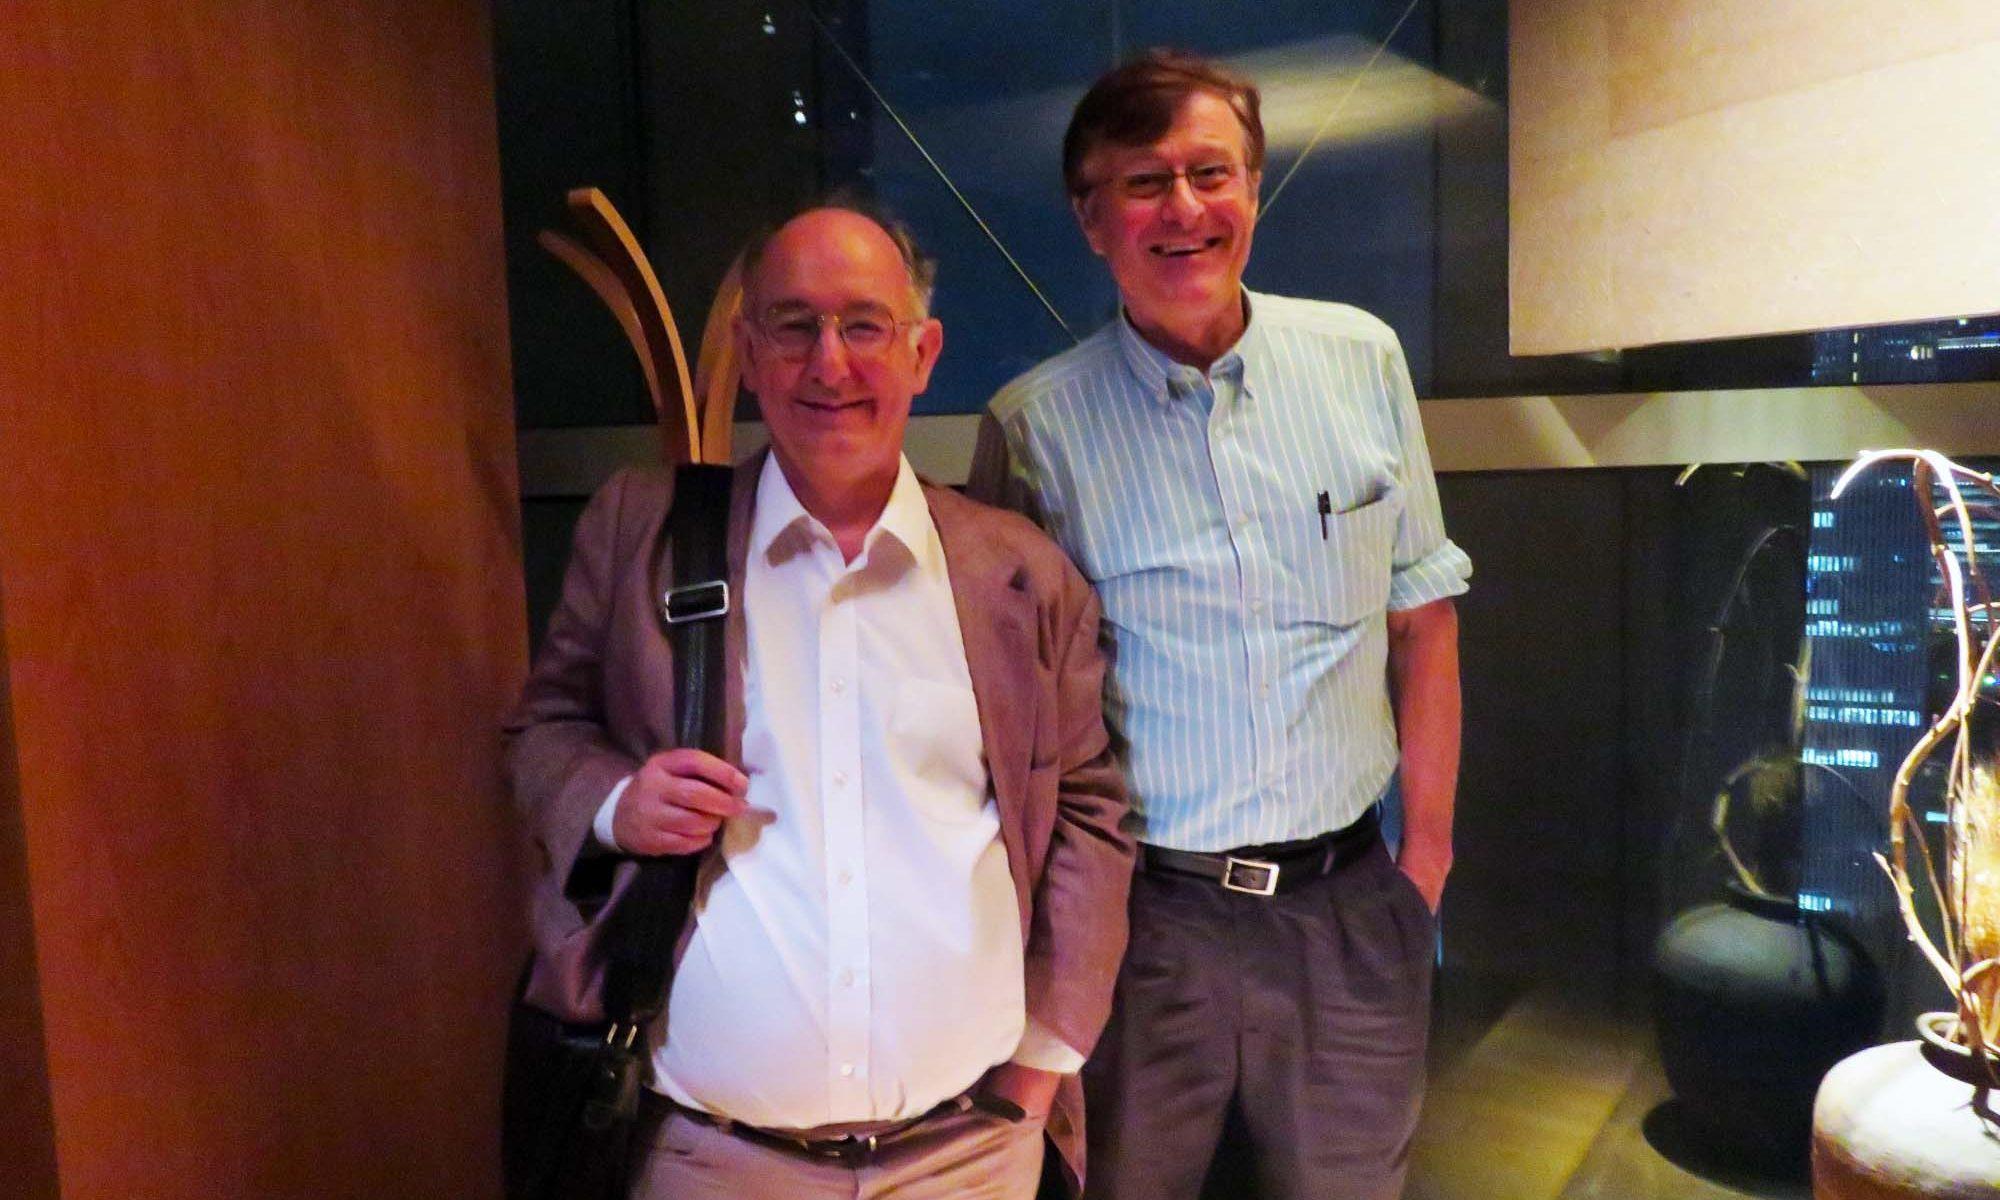 ドミニク・リーベン教授とのトリニティ・イン・ジャパン・ソサエティのミーティング、金曜日2016年9月16日